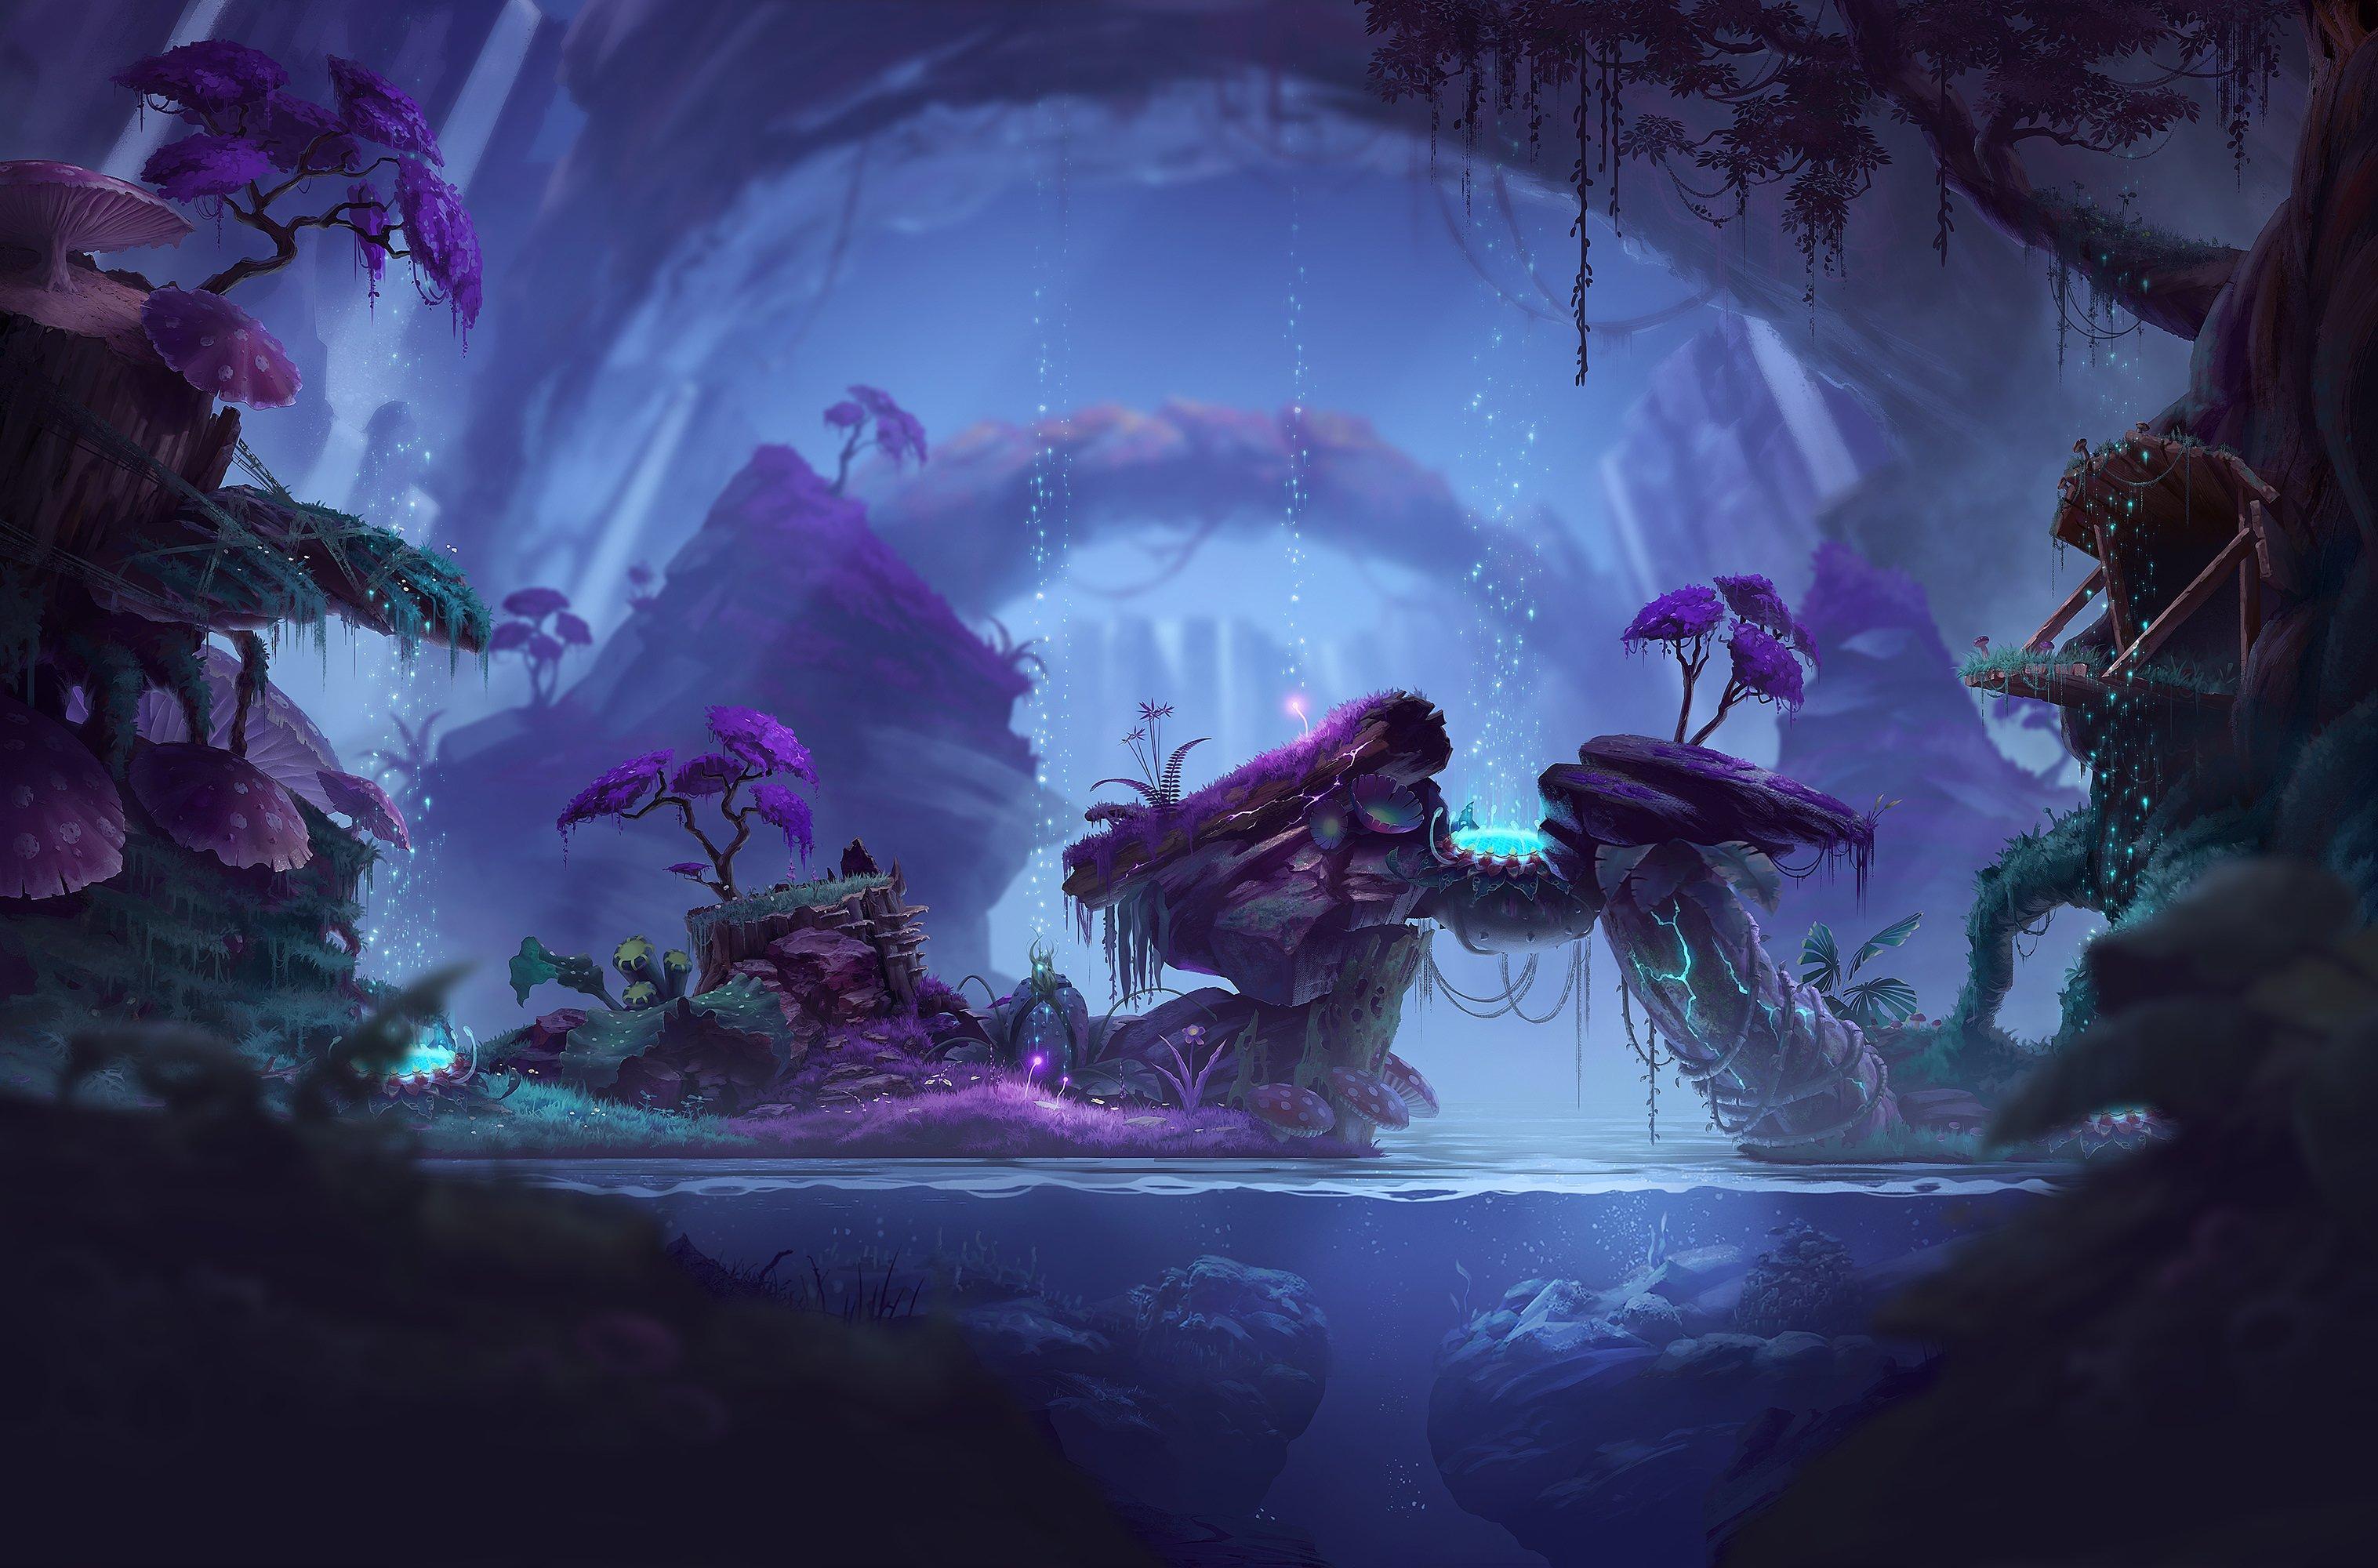 Inside A Magical Cave HD wallpaper